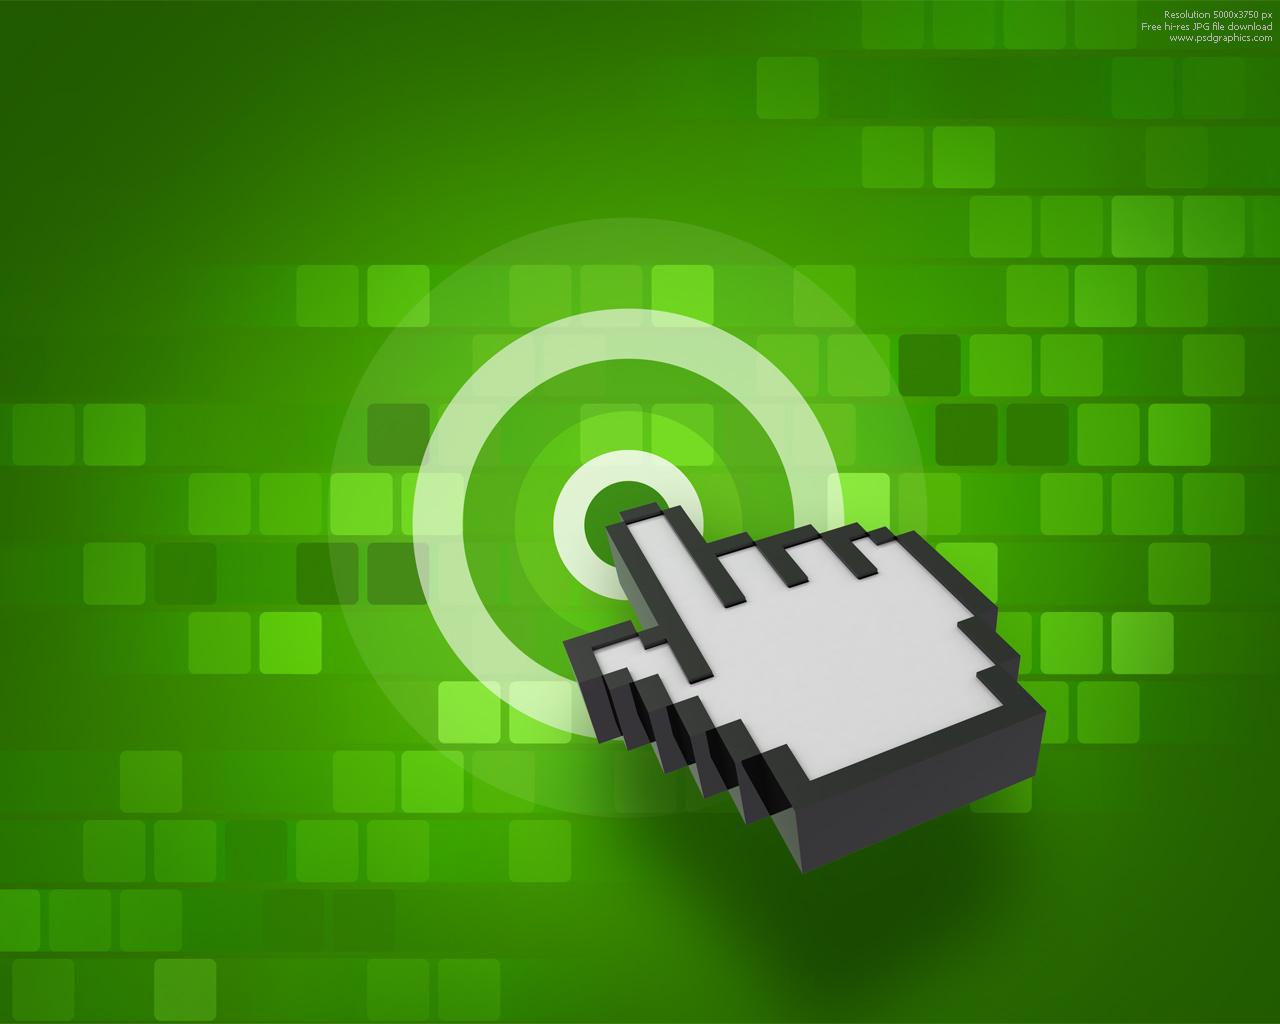 Green Digital Tech PPT Backgrounds